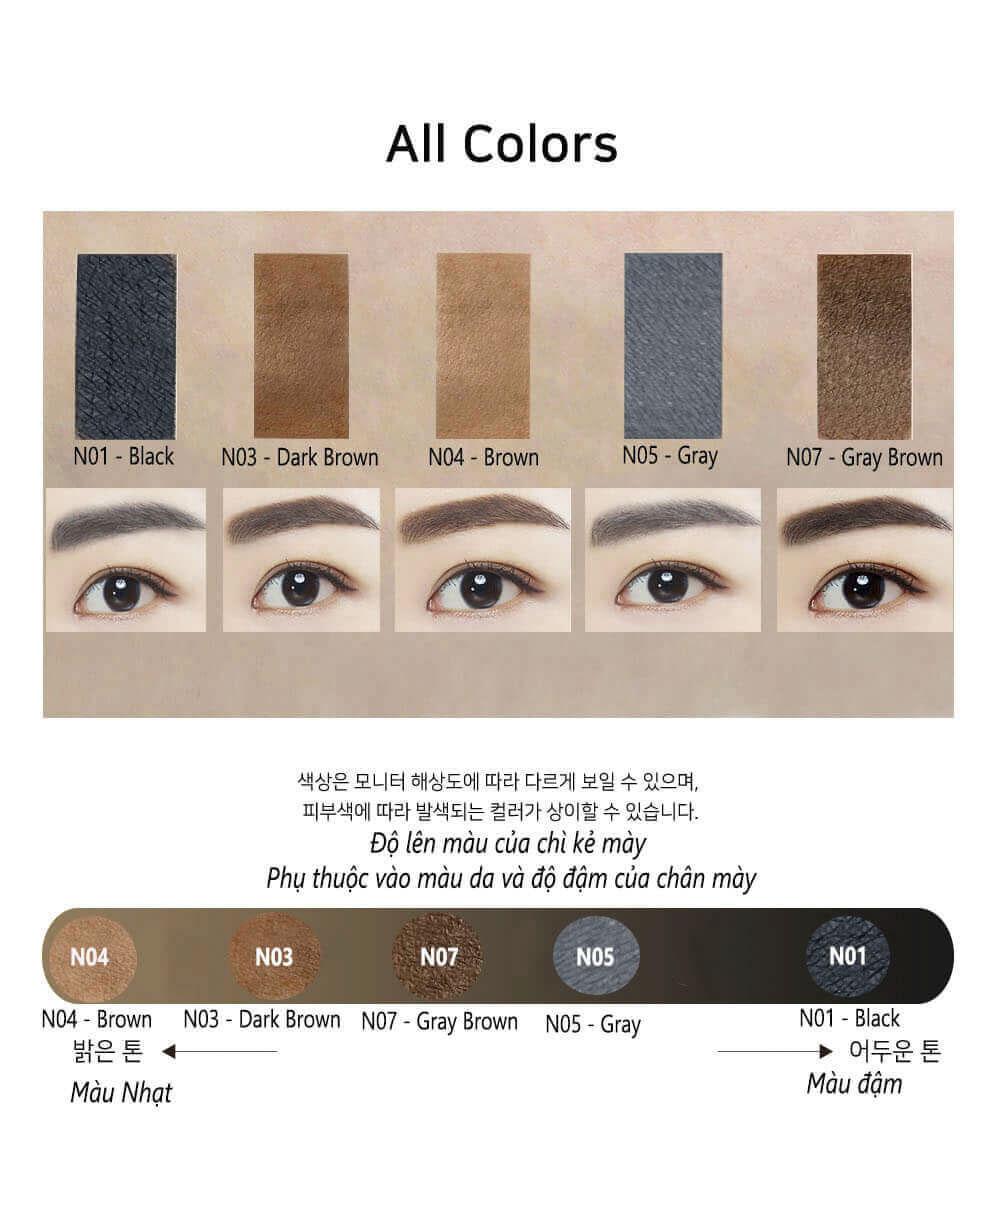 Combo bộ sản phẩm chì kẻ mắt và chì kẻ mày Hàn Quốc 3